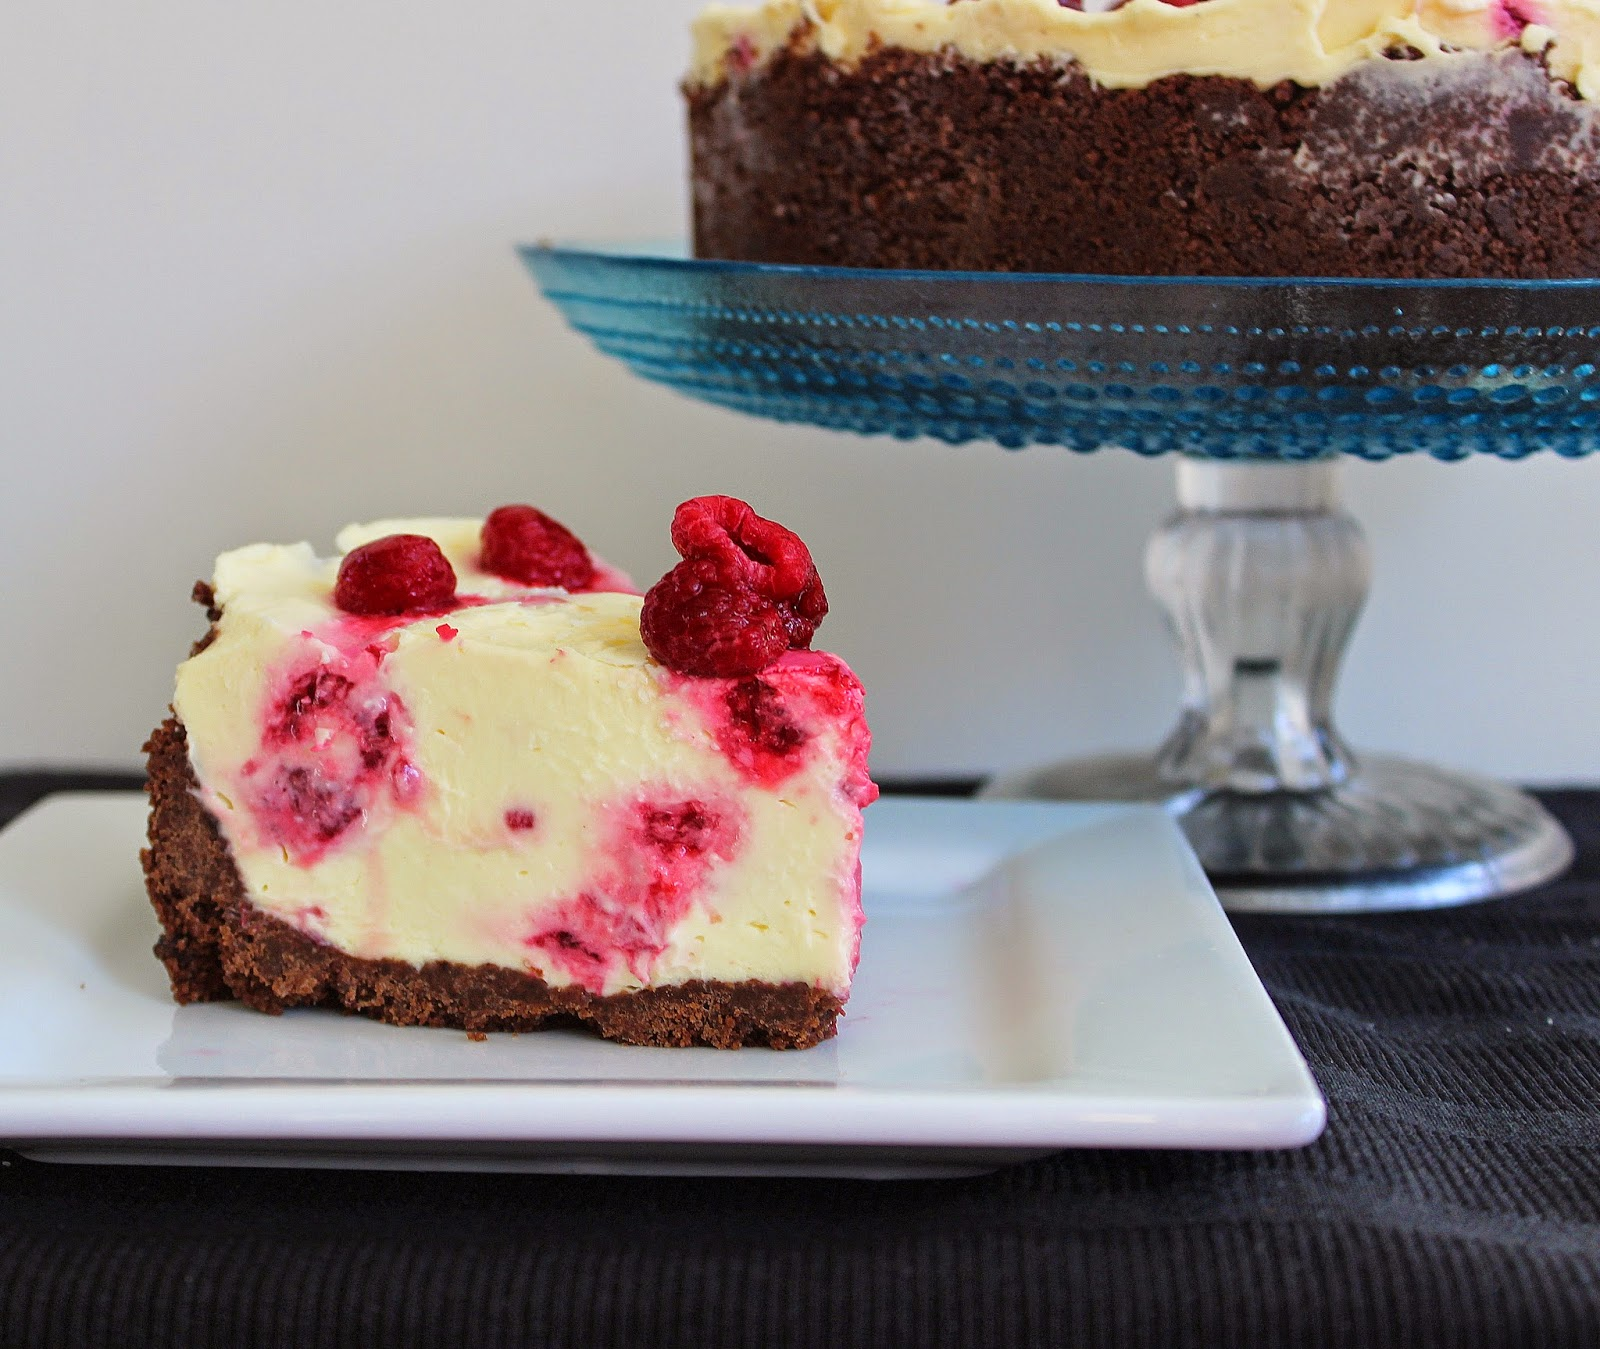 PicNic: Raspberry White Chocolate Cheesecake